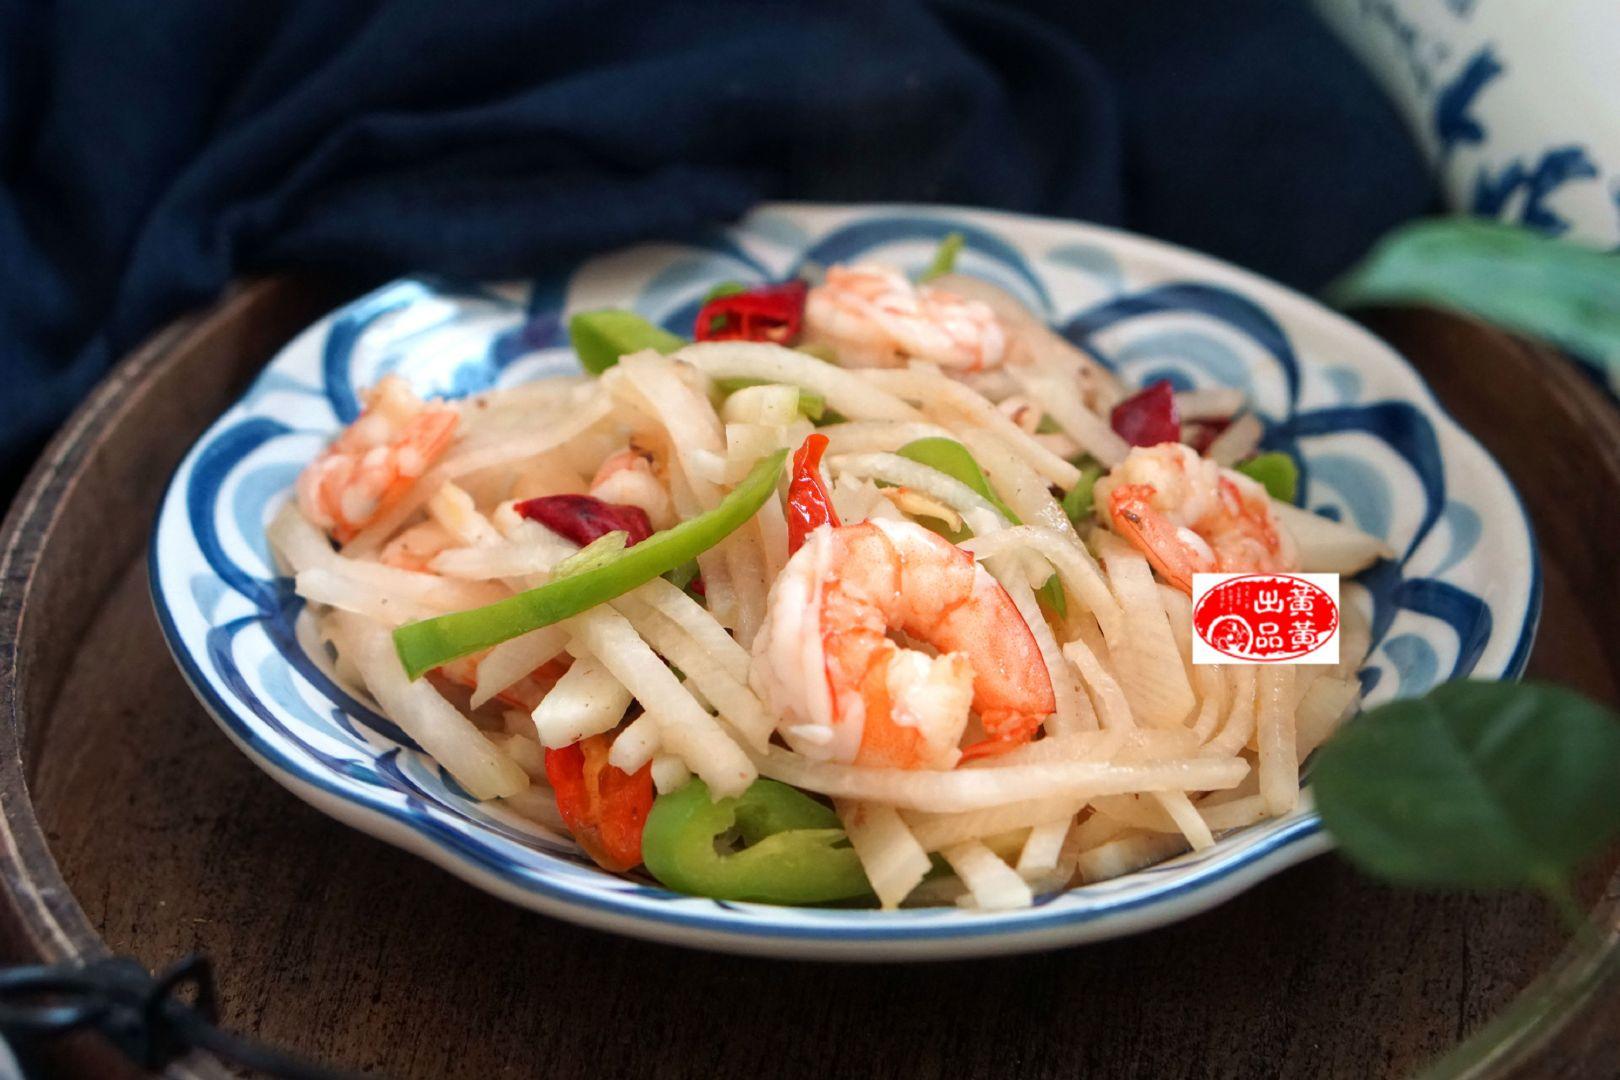 白萝卜炒虾球:平价又营养的蔬菜,和虾一起搭配,味道鲜美,相得益彰